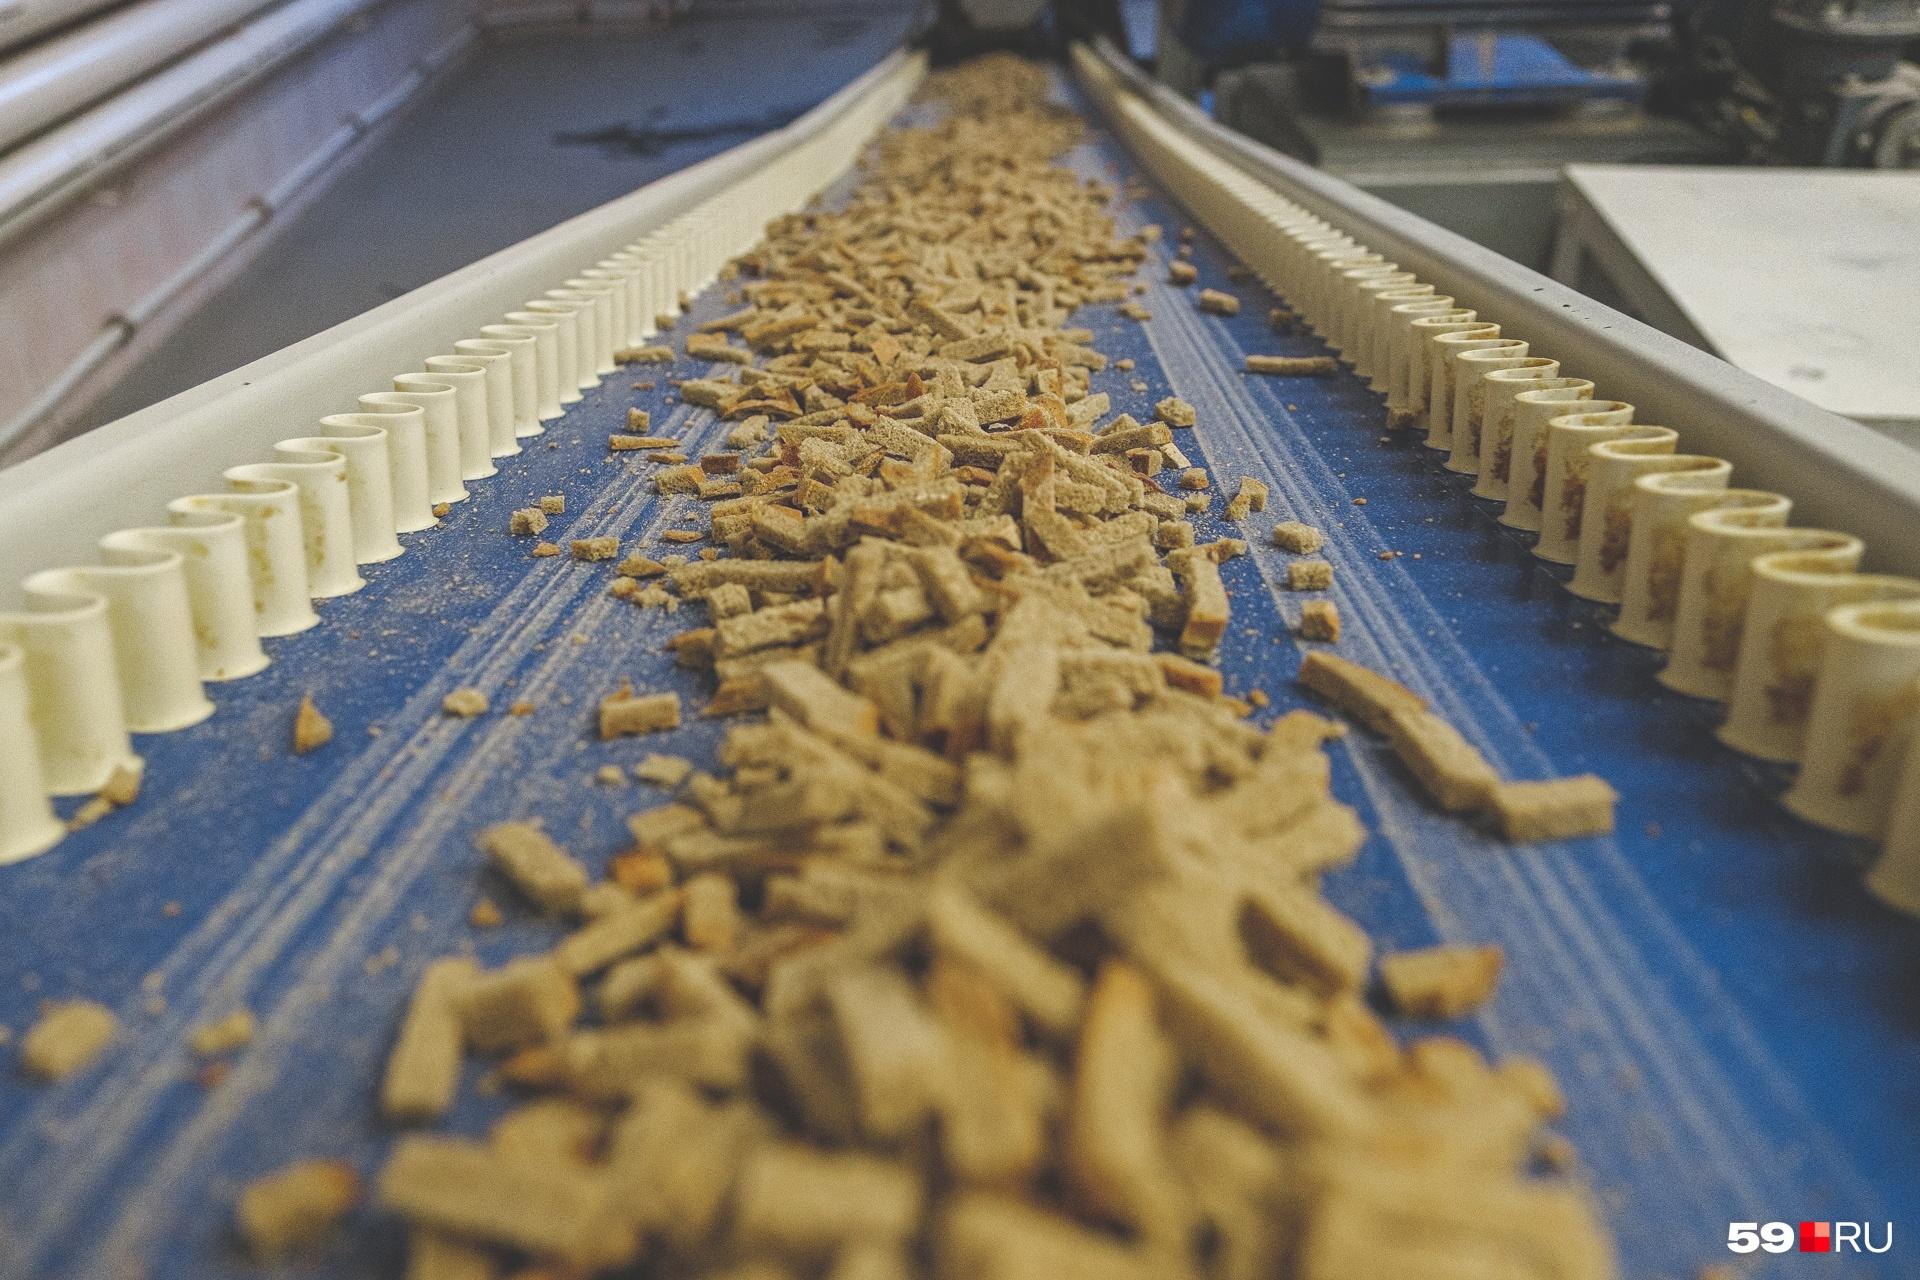 Подсушенные ломтики перемещаются из печи с помощью конвейера